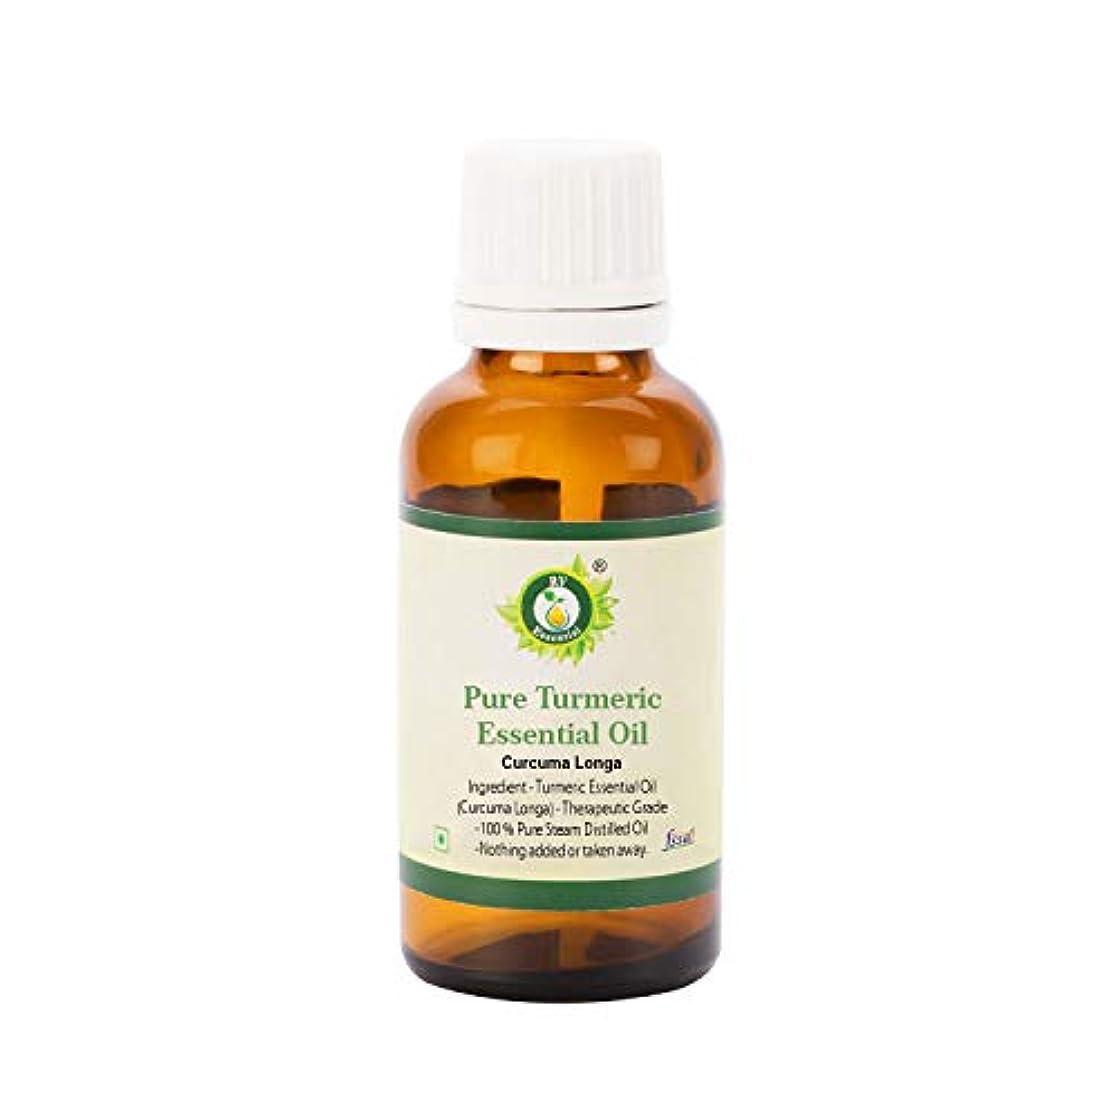 タバコカウボーイ幻想的R V Essential 純粋なウコン精油5ml (0.169oz)- Curcuma Longa (100%純粋&天然スチームDistilled) Pure Turmeric Essential Oil